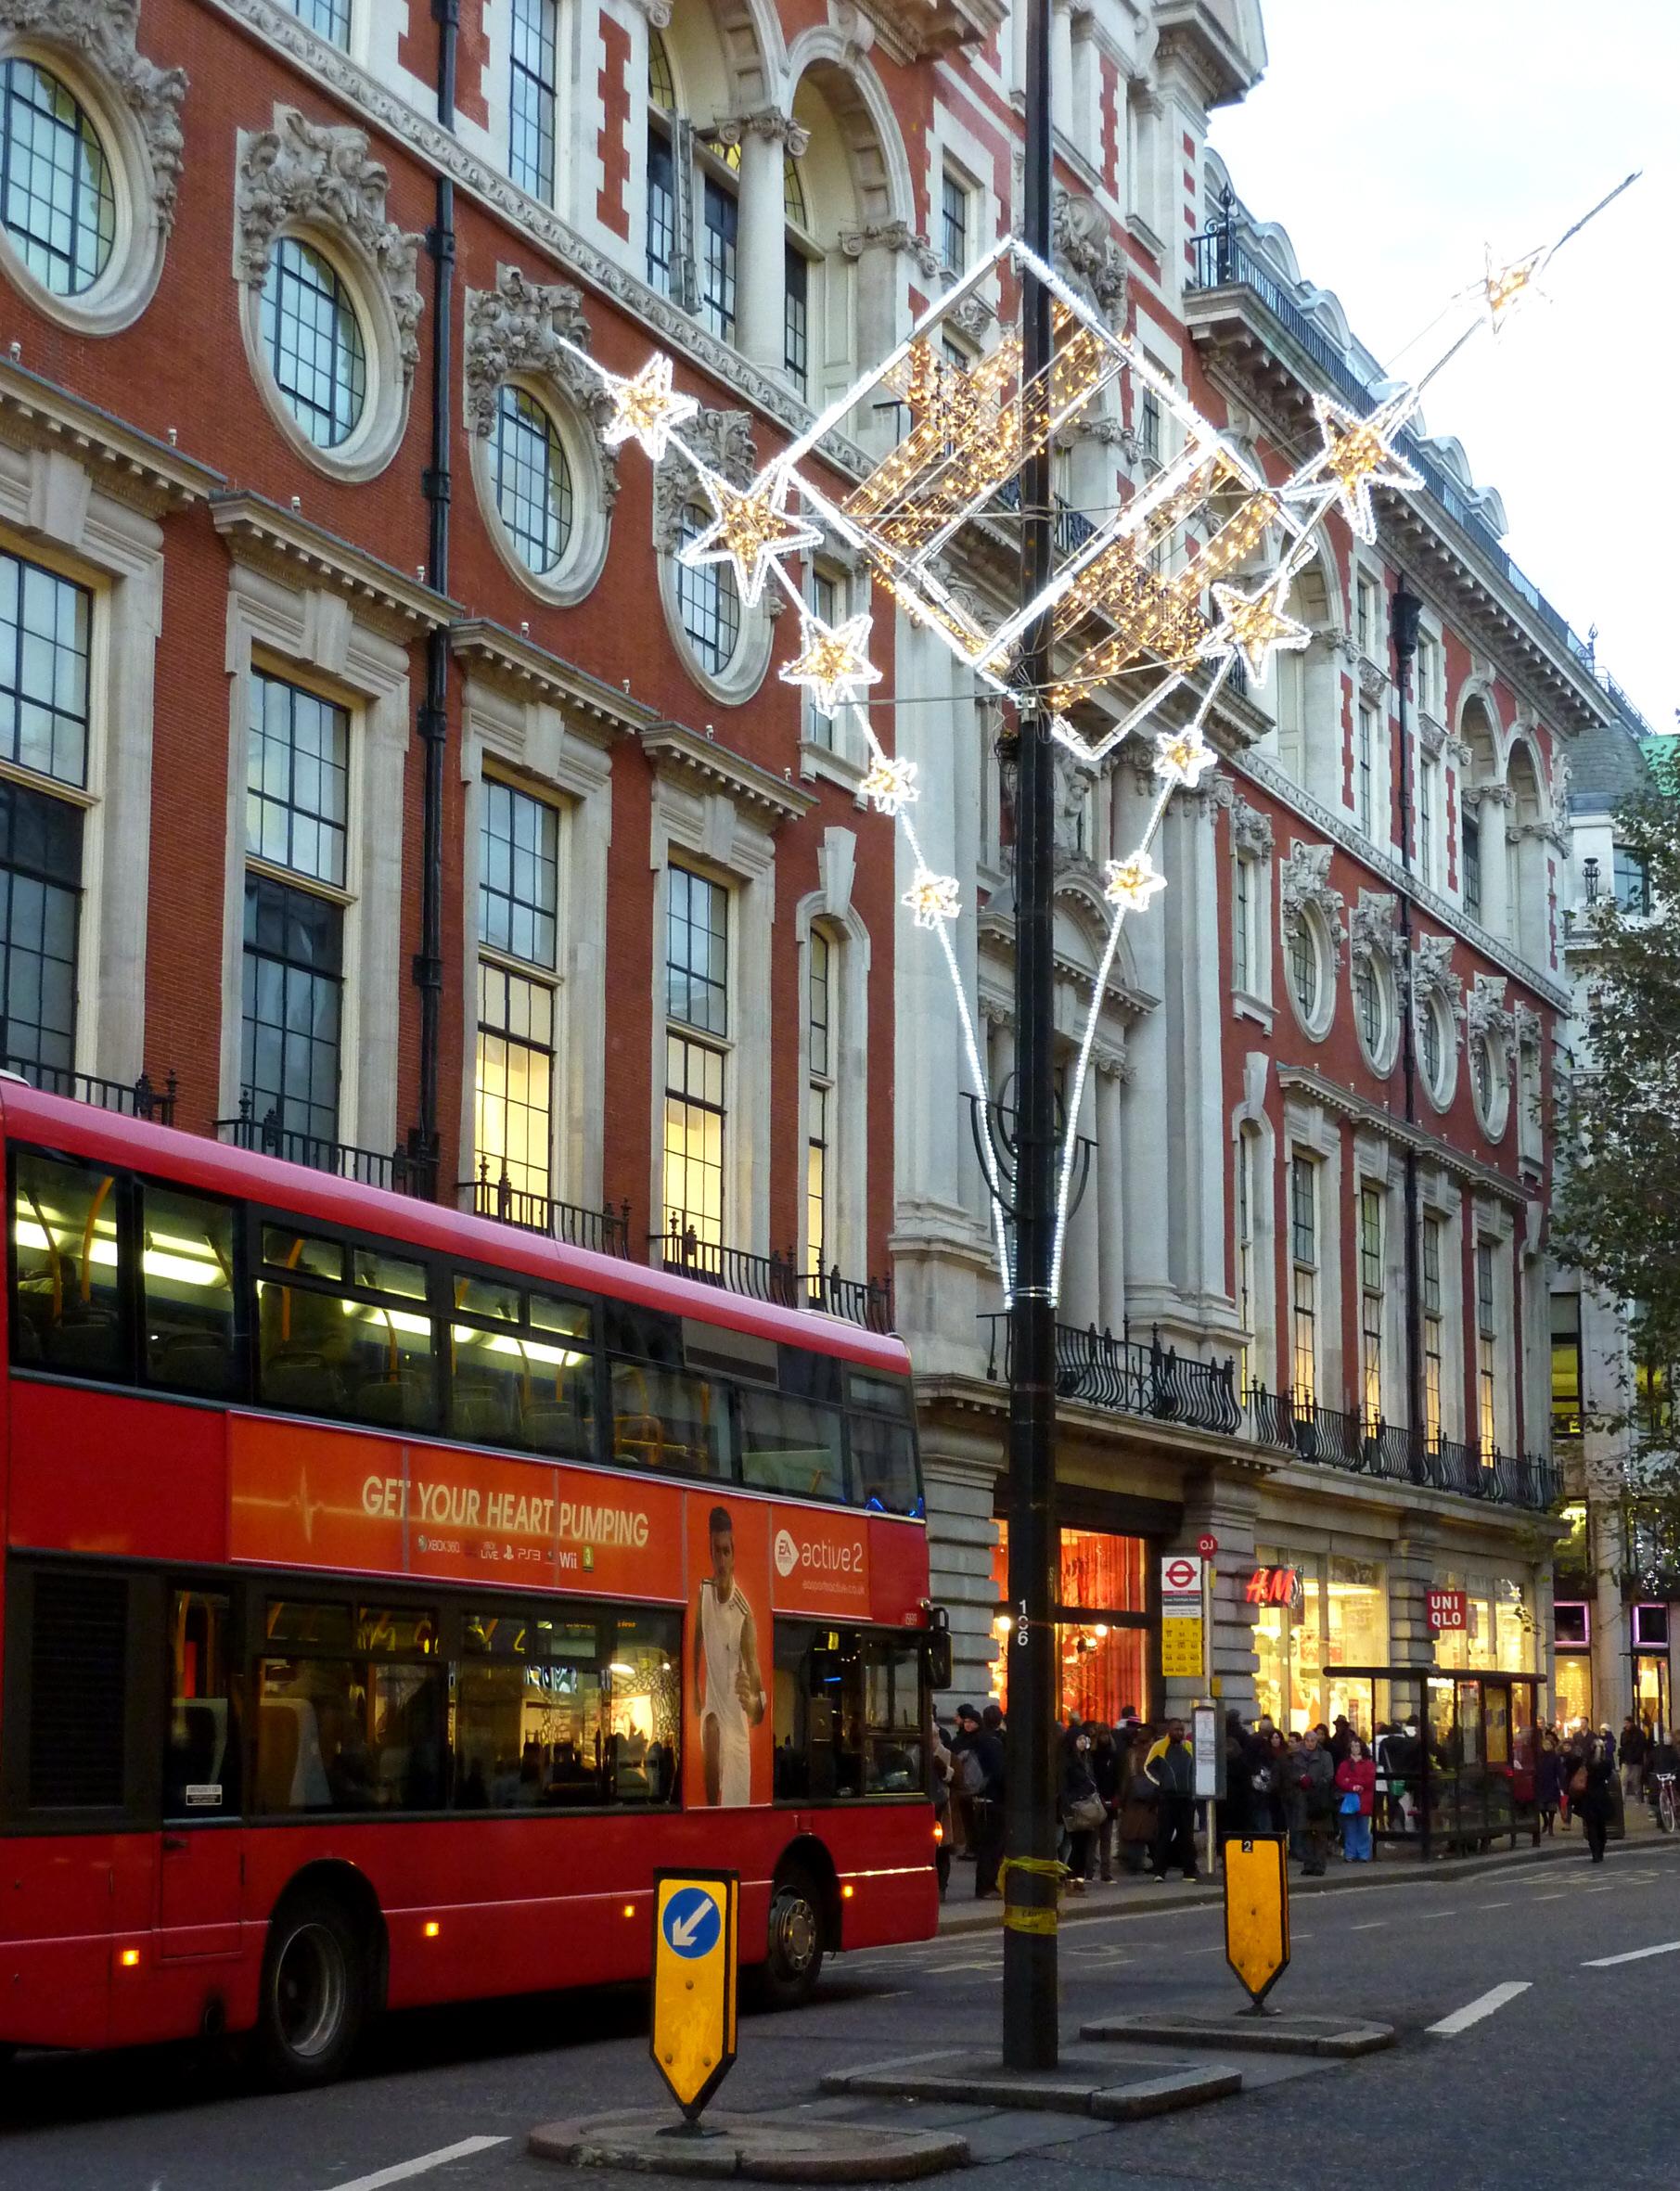 File:Queensway, London .jpg